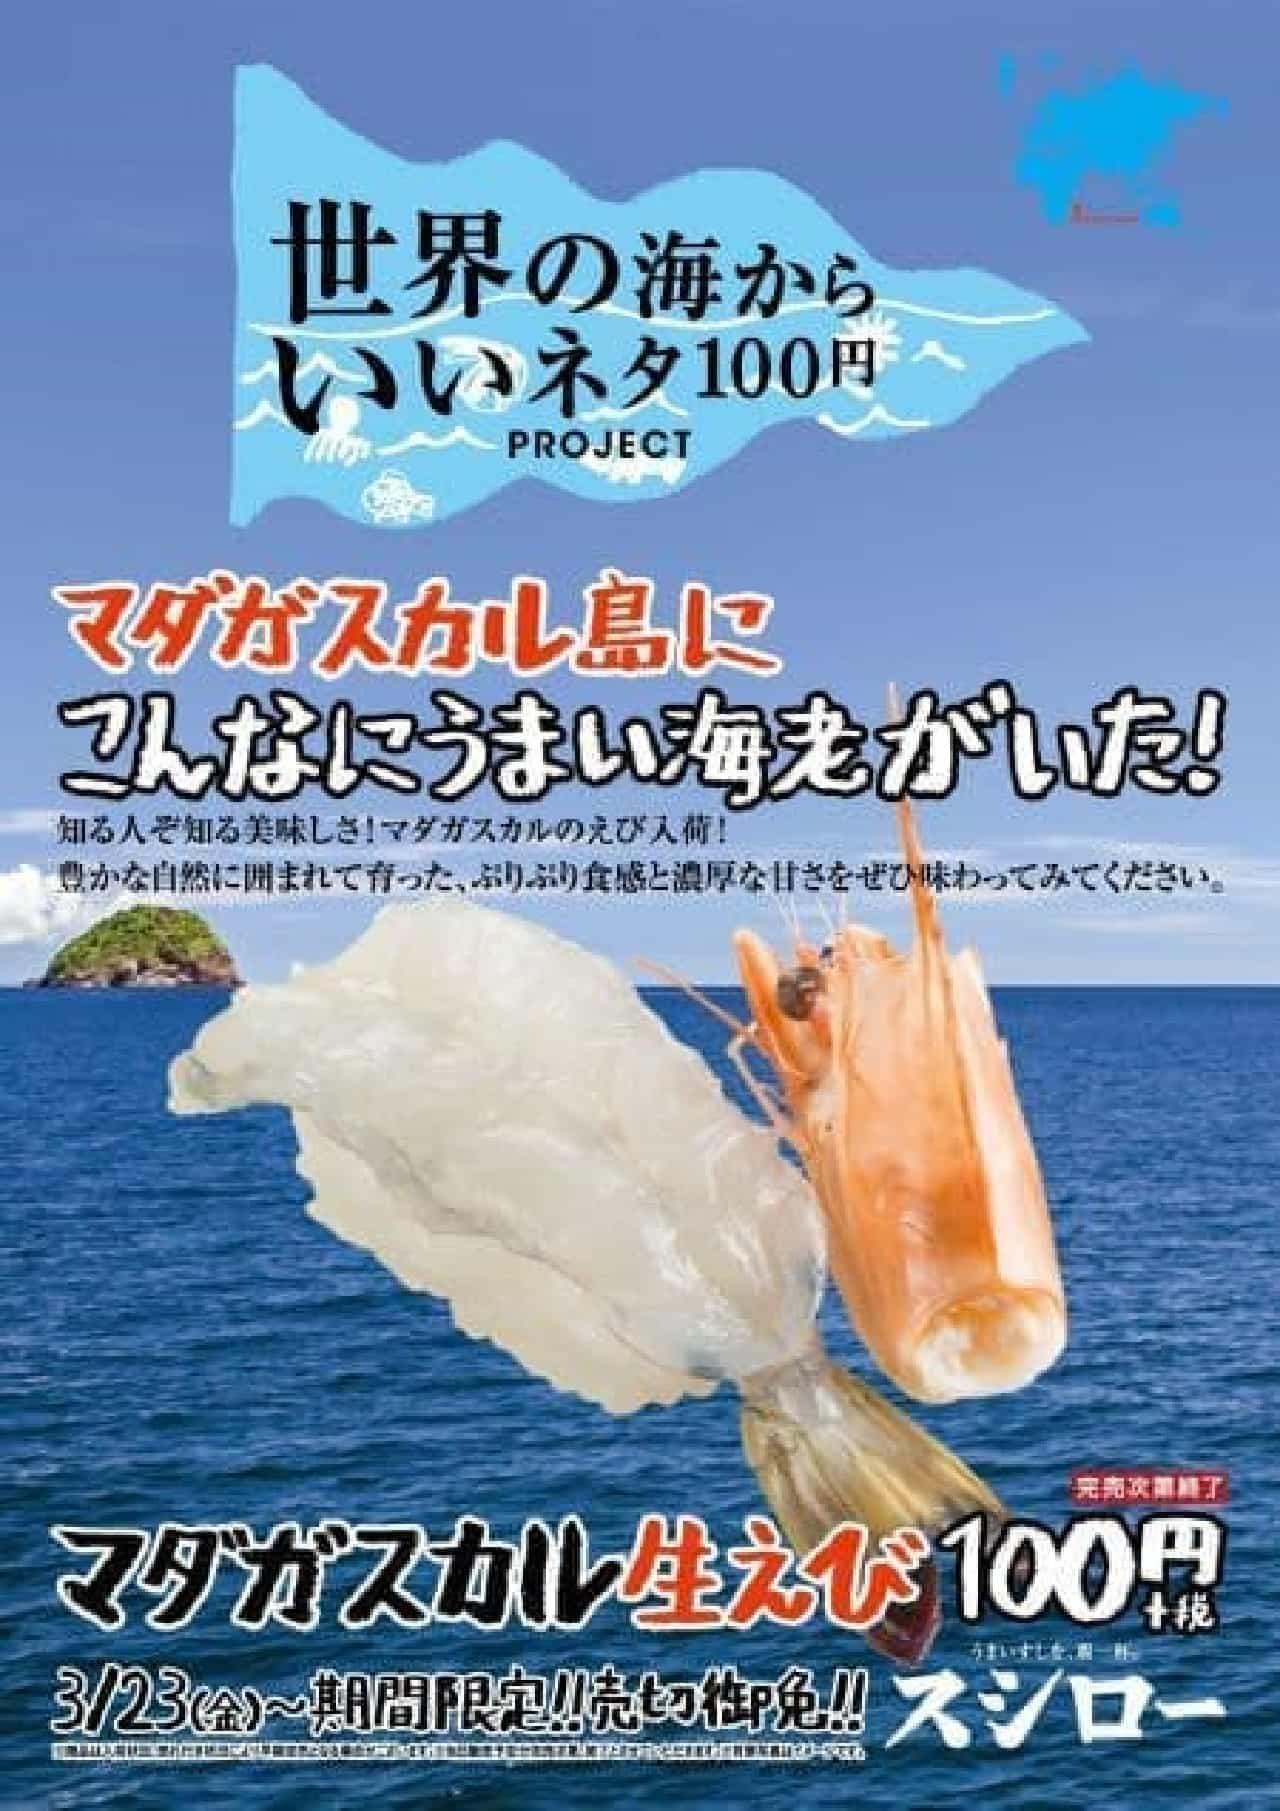 「マダガスカル生えび」は、インド洋に浮かぶマダガスカルの秘境の地で育ったえびが使用された一品